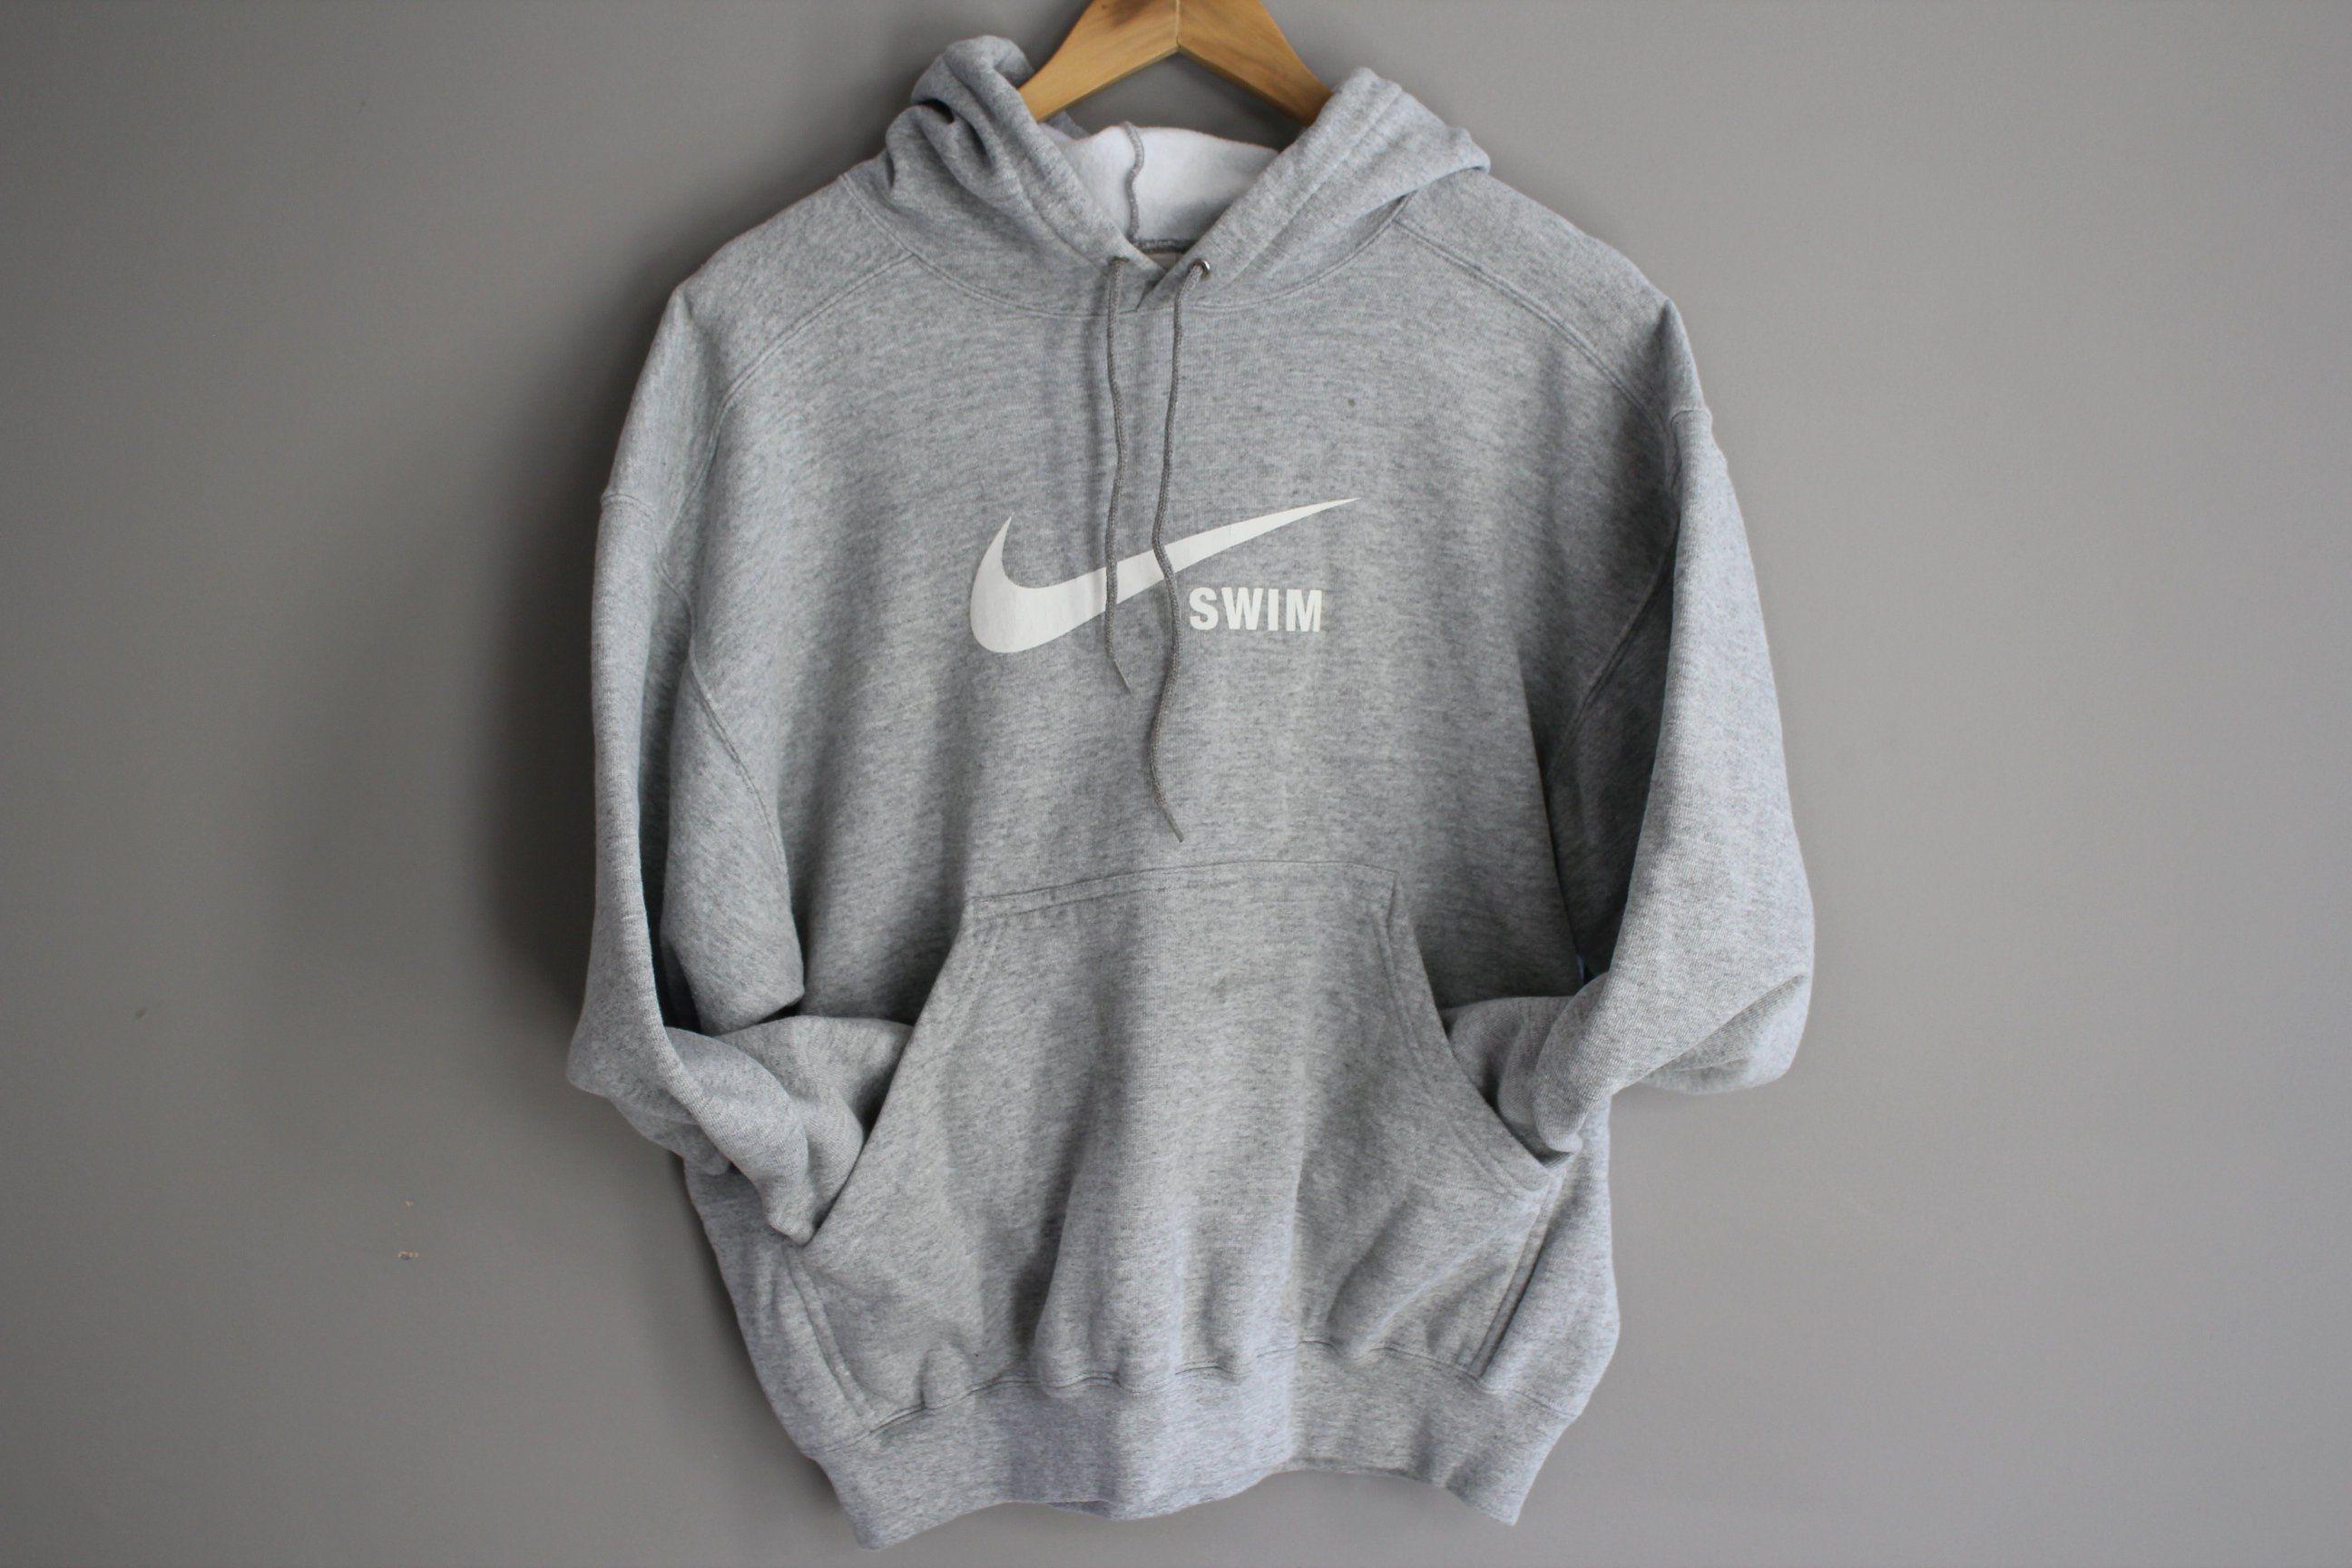 Size S Nike Grey Hoodies Fleece Sweatshirt Big Logo Grunge Etsy Sweatshirt Fleece Gray Hoodies Hoodies